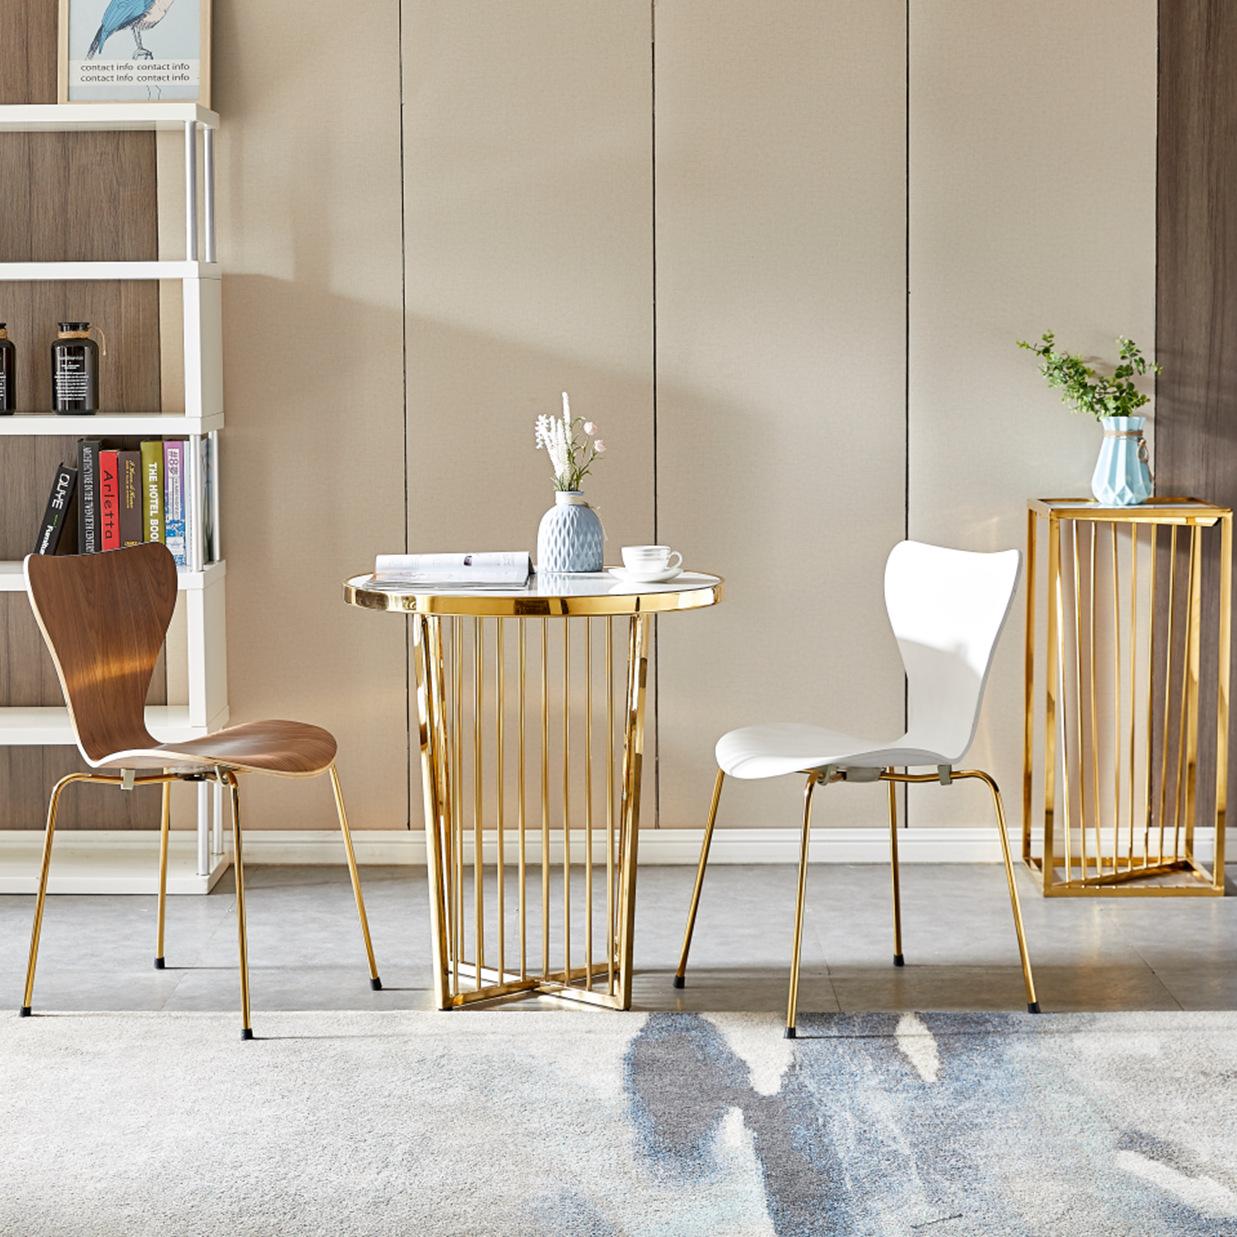 现代轻奢不锈钢餐椅小户型餐厅专用ins网红椅子北欧简约木板7字椅